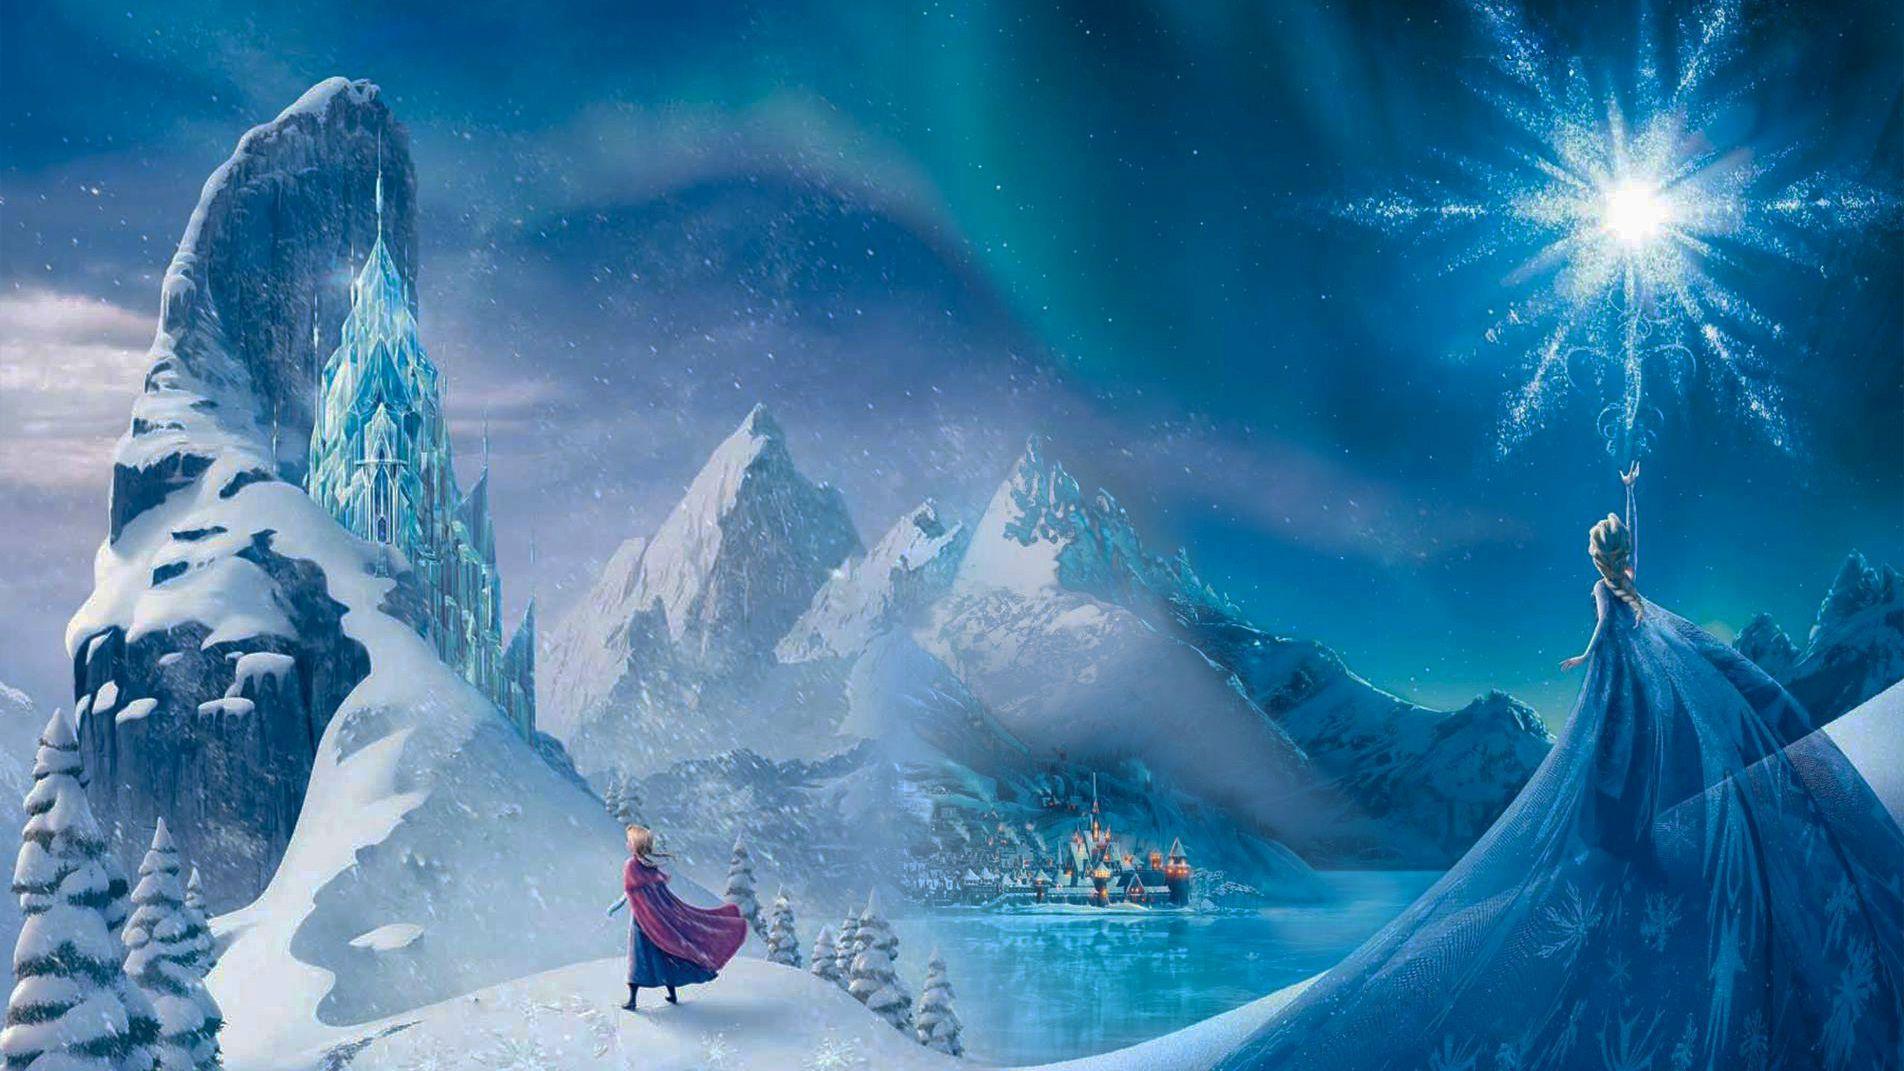 frozen wallpaper hd disney